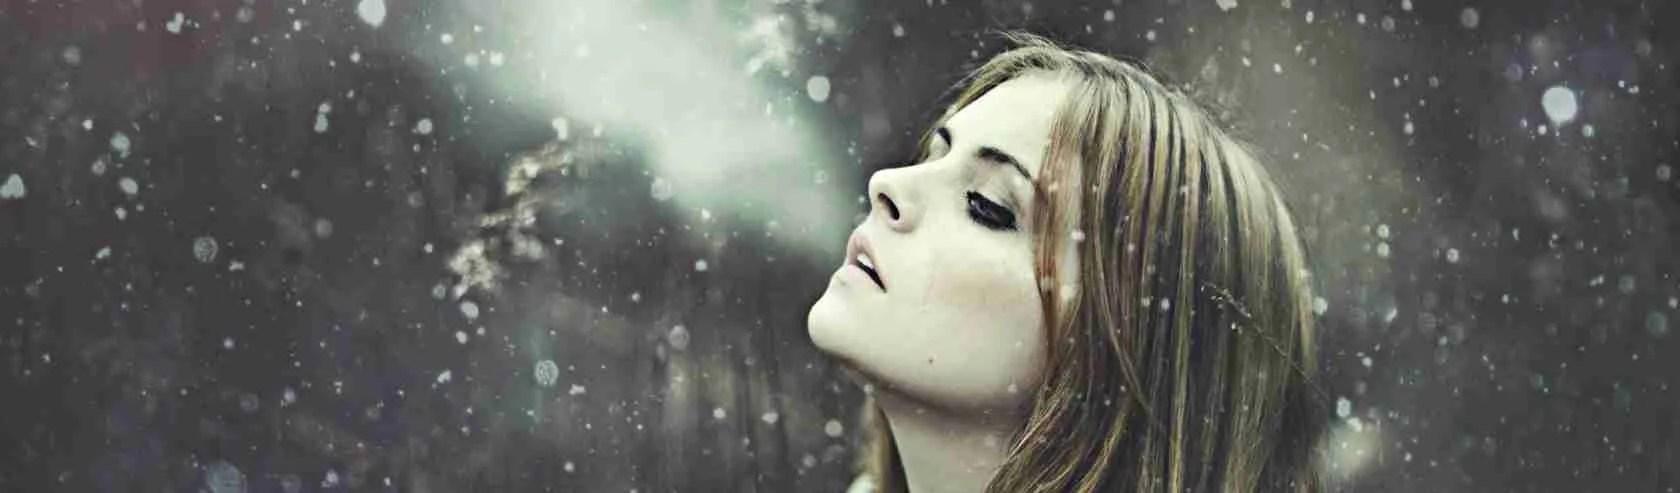 Le escort Merano sono la compagnia perfetta per le fredde giornate invernali in Alto Adige. Magica Escort